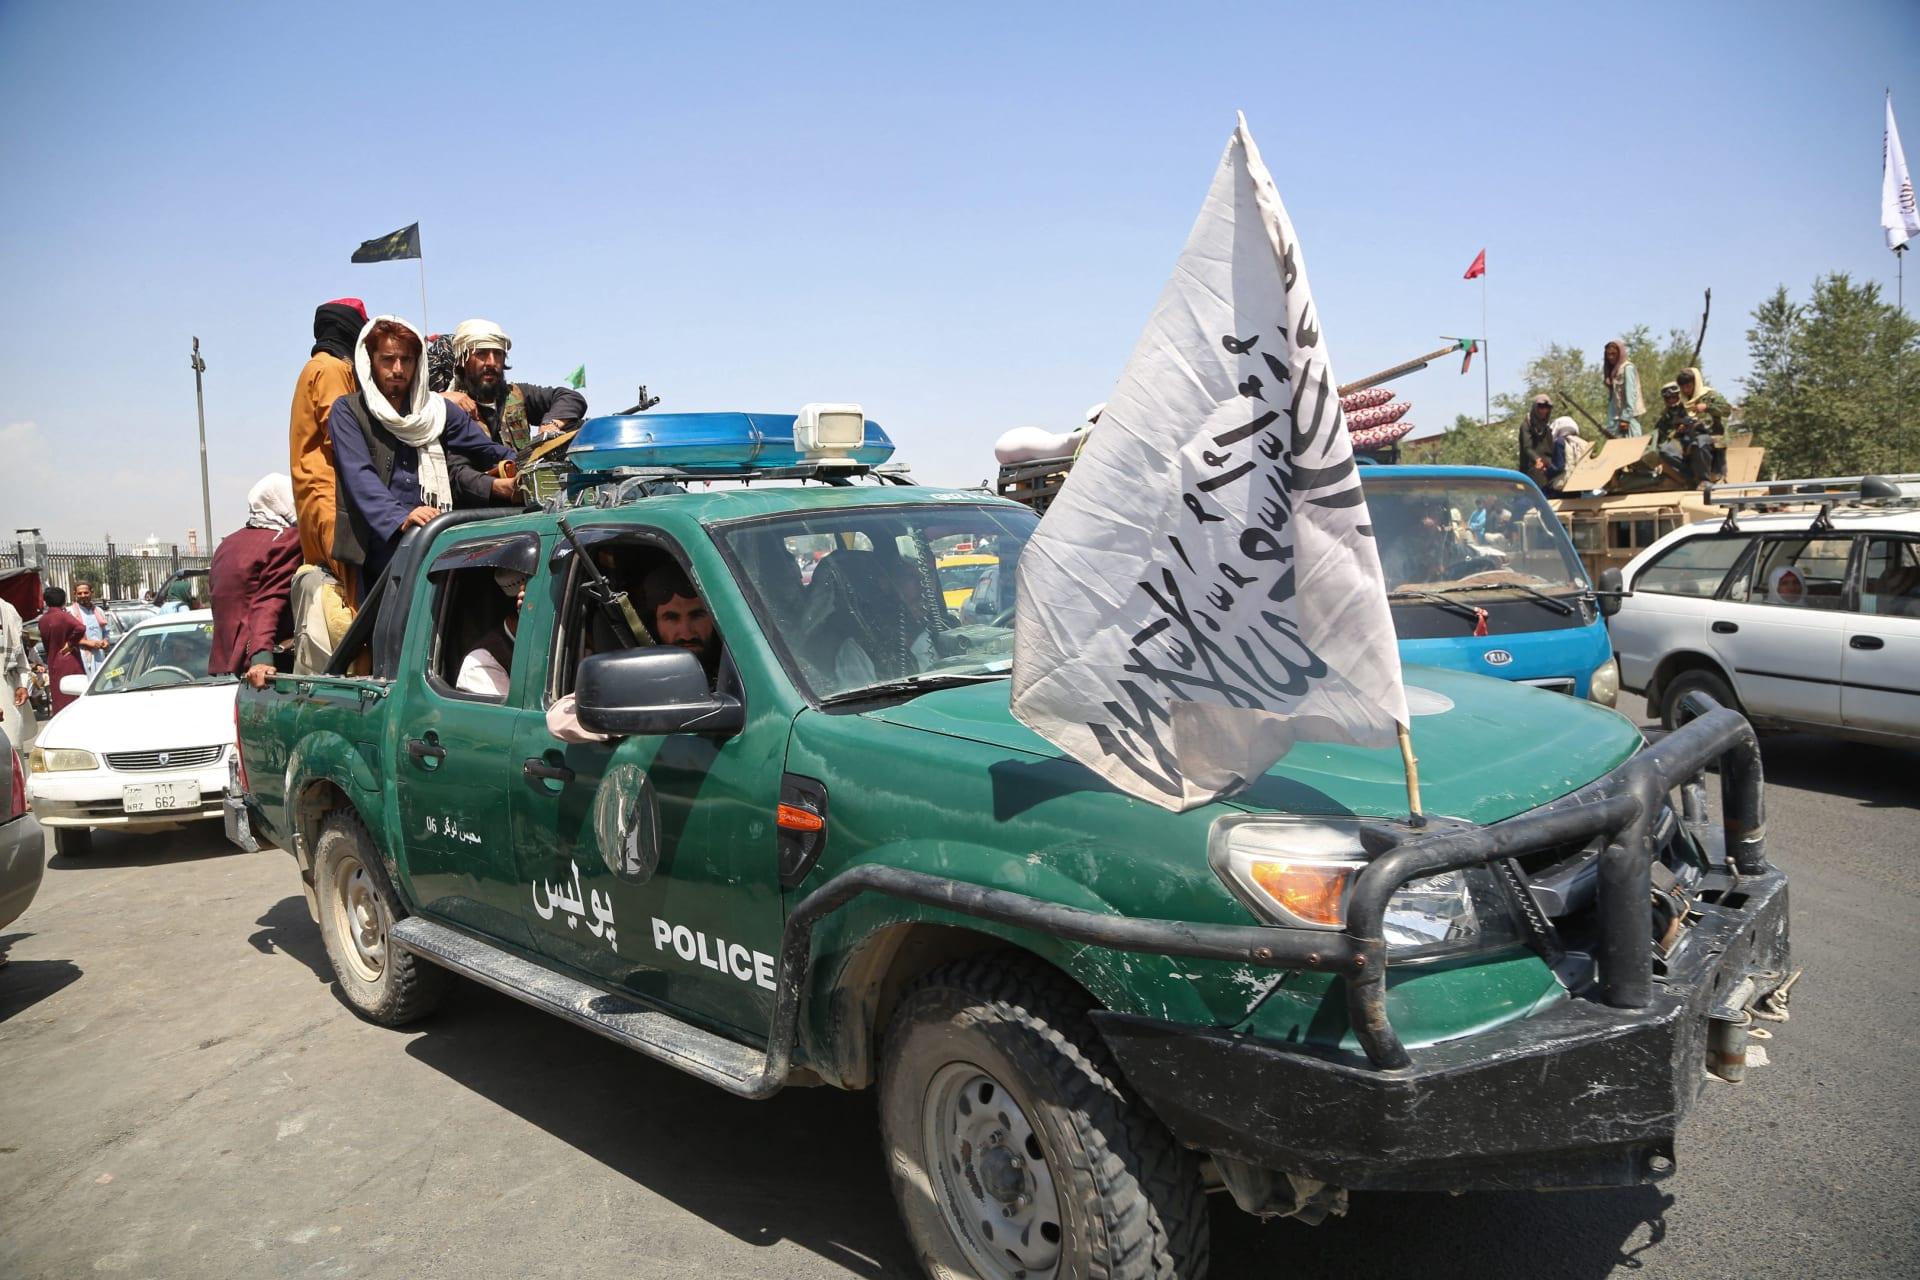 مقاتلو طالبان ينتشرون في شوارع كابول بعد السيطرة على العاصمة الأفغانية